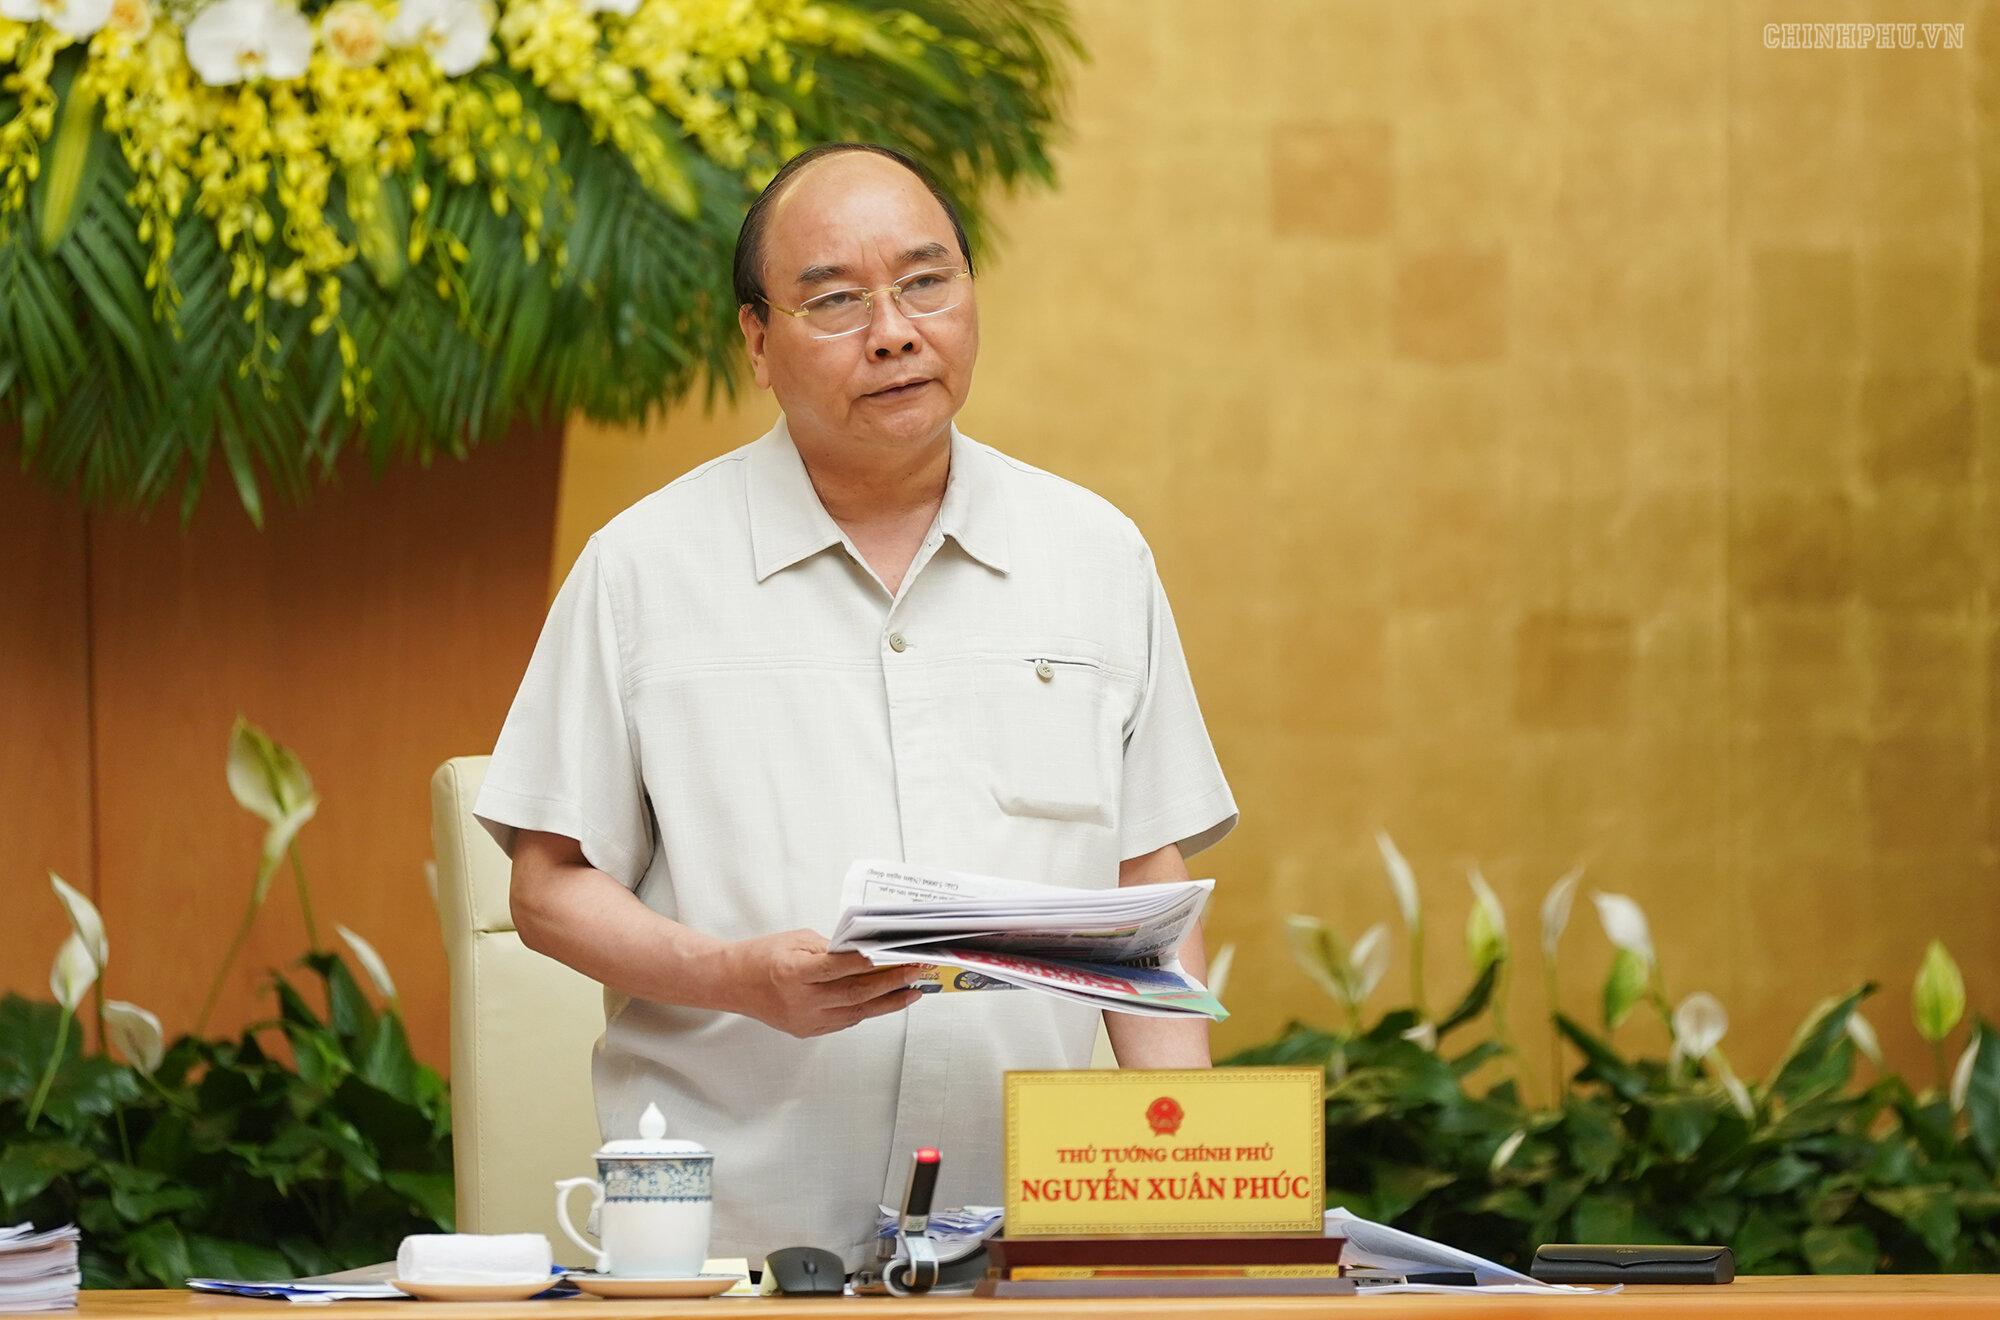 Thủ tướng: Tăng giá điện gây tâm tư trong nhân dân